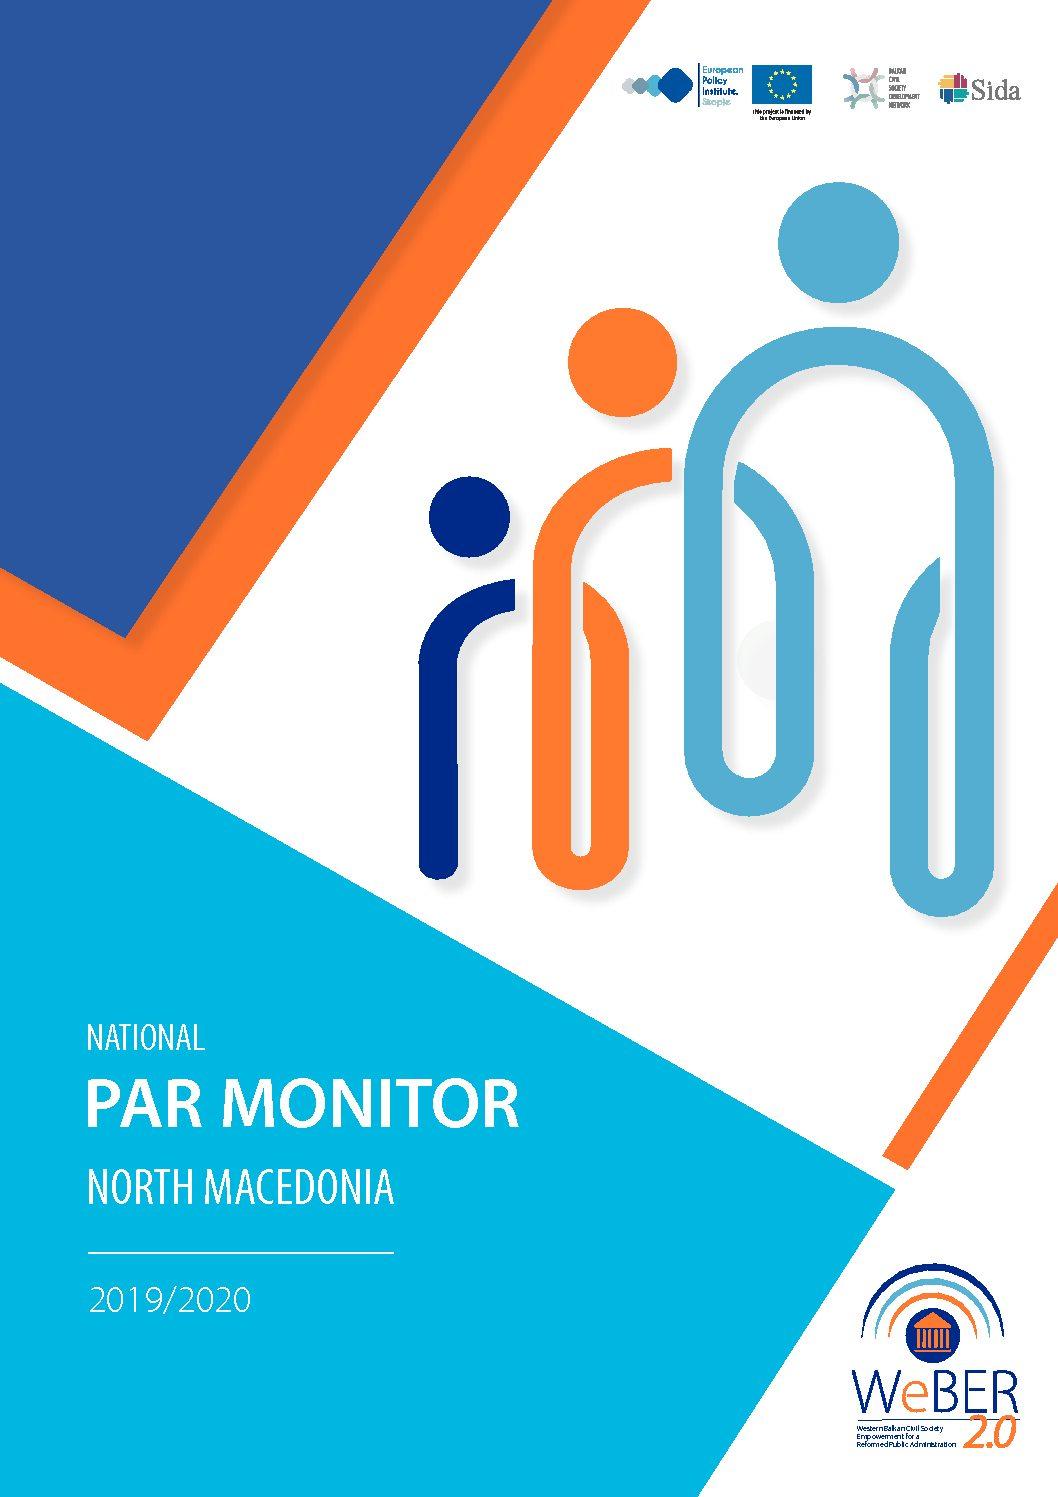 National PAR Monitor – North Macedonia 2019/2020